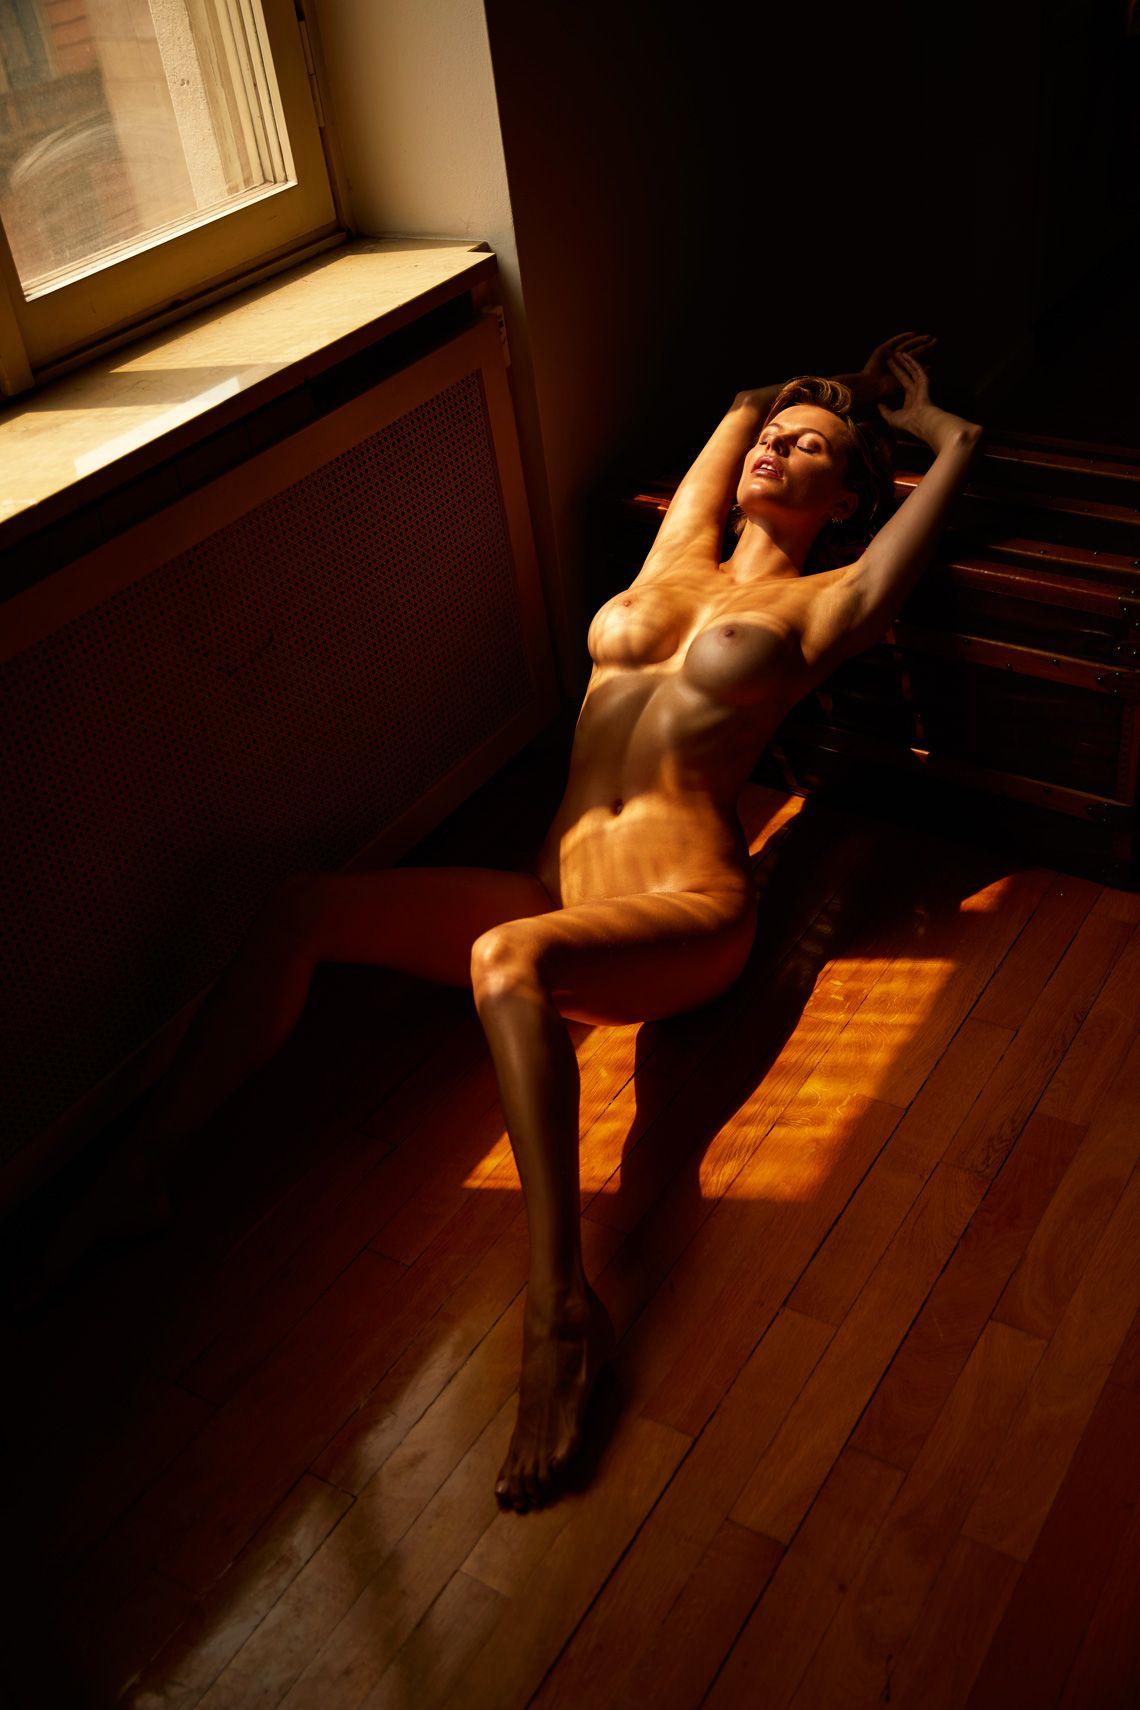 Olga De Mar Nude 0004